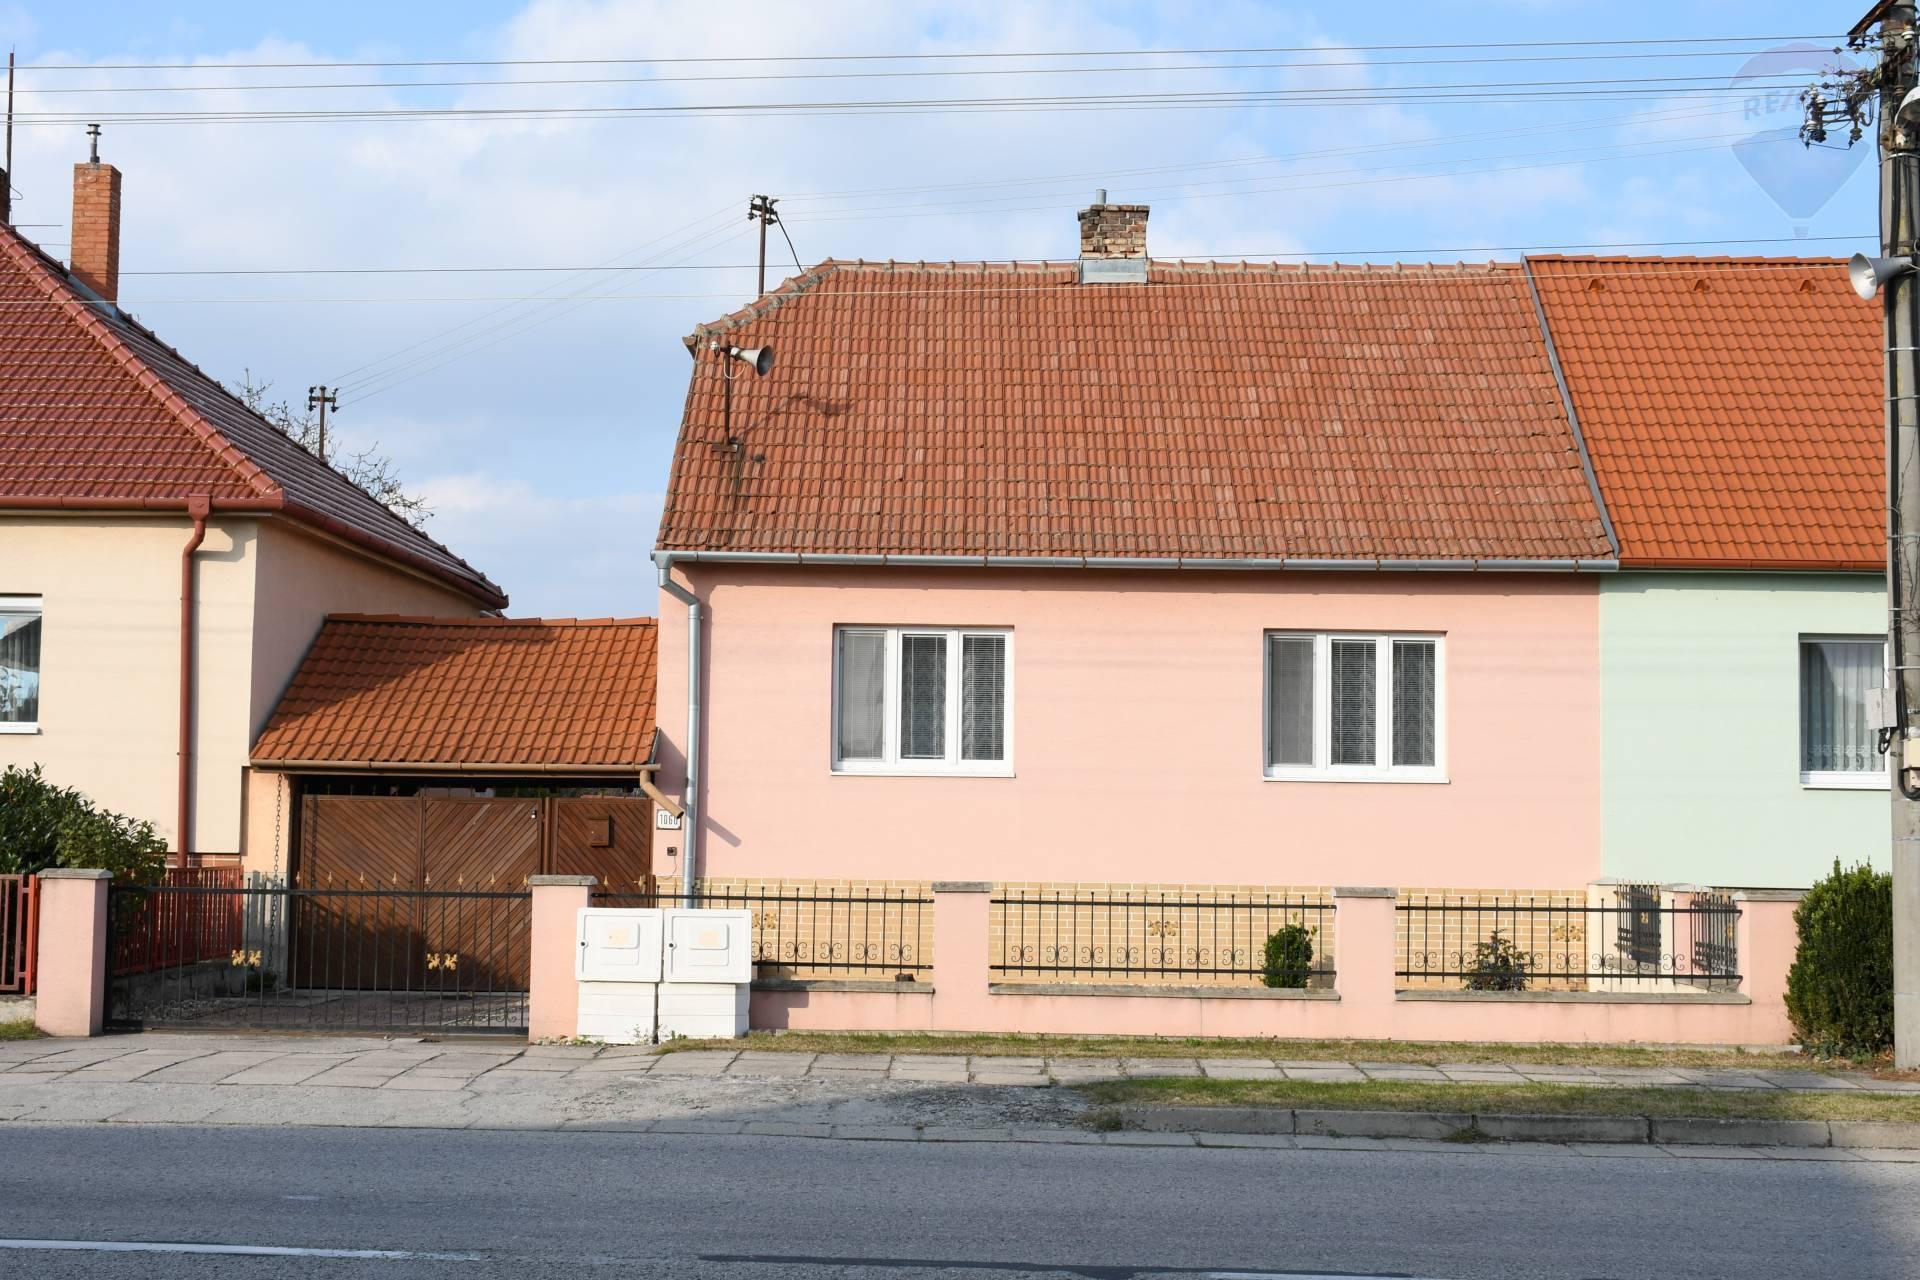 Na predaj 4 izbový rodinný dom na komerčné využitie v meste Kúty.